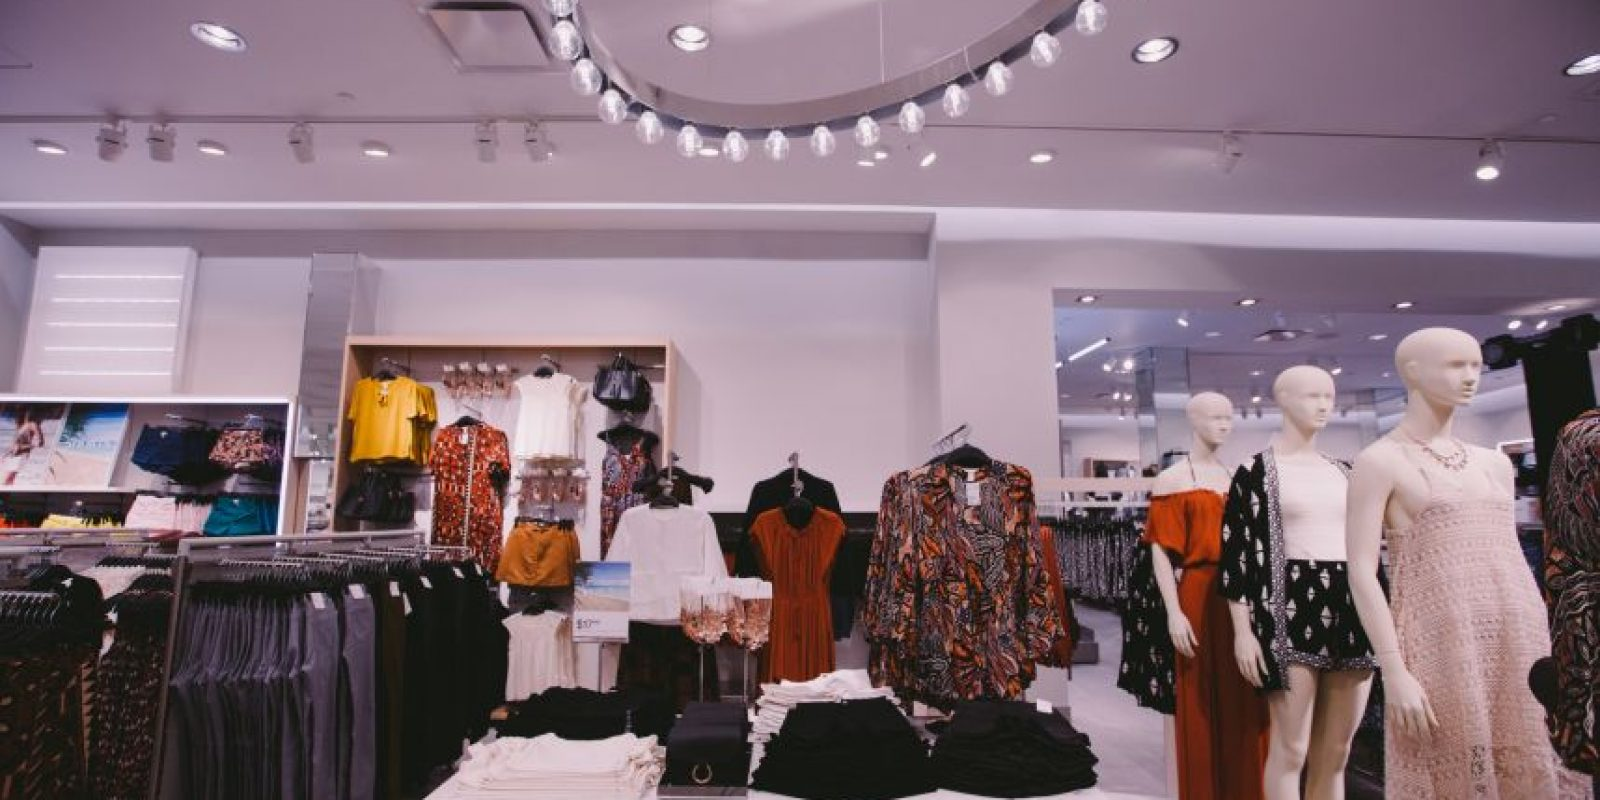 Parte de la sección de mujeres en H&M. Foto:Suministrada: Worldjunkies. Imagen Por: